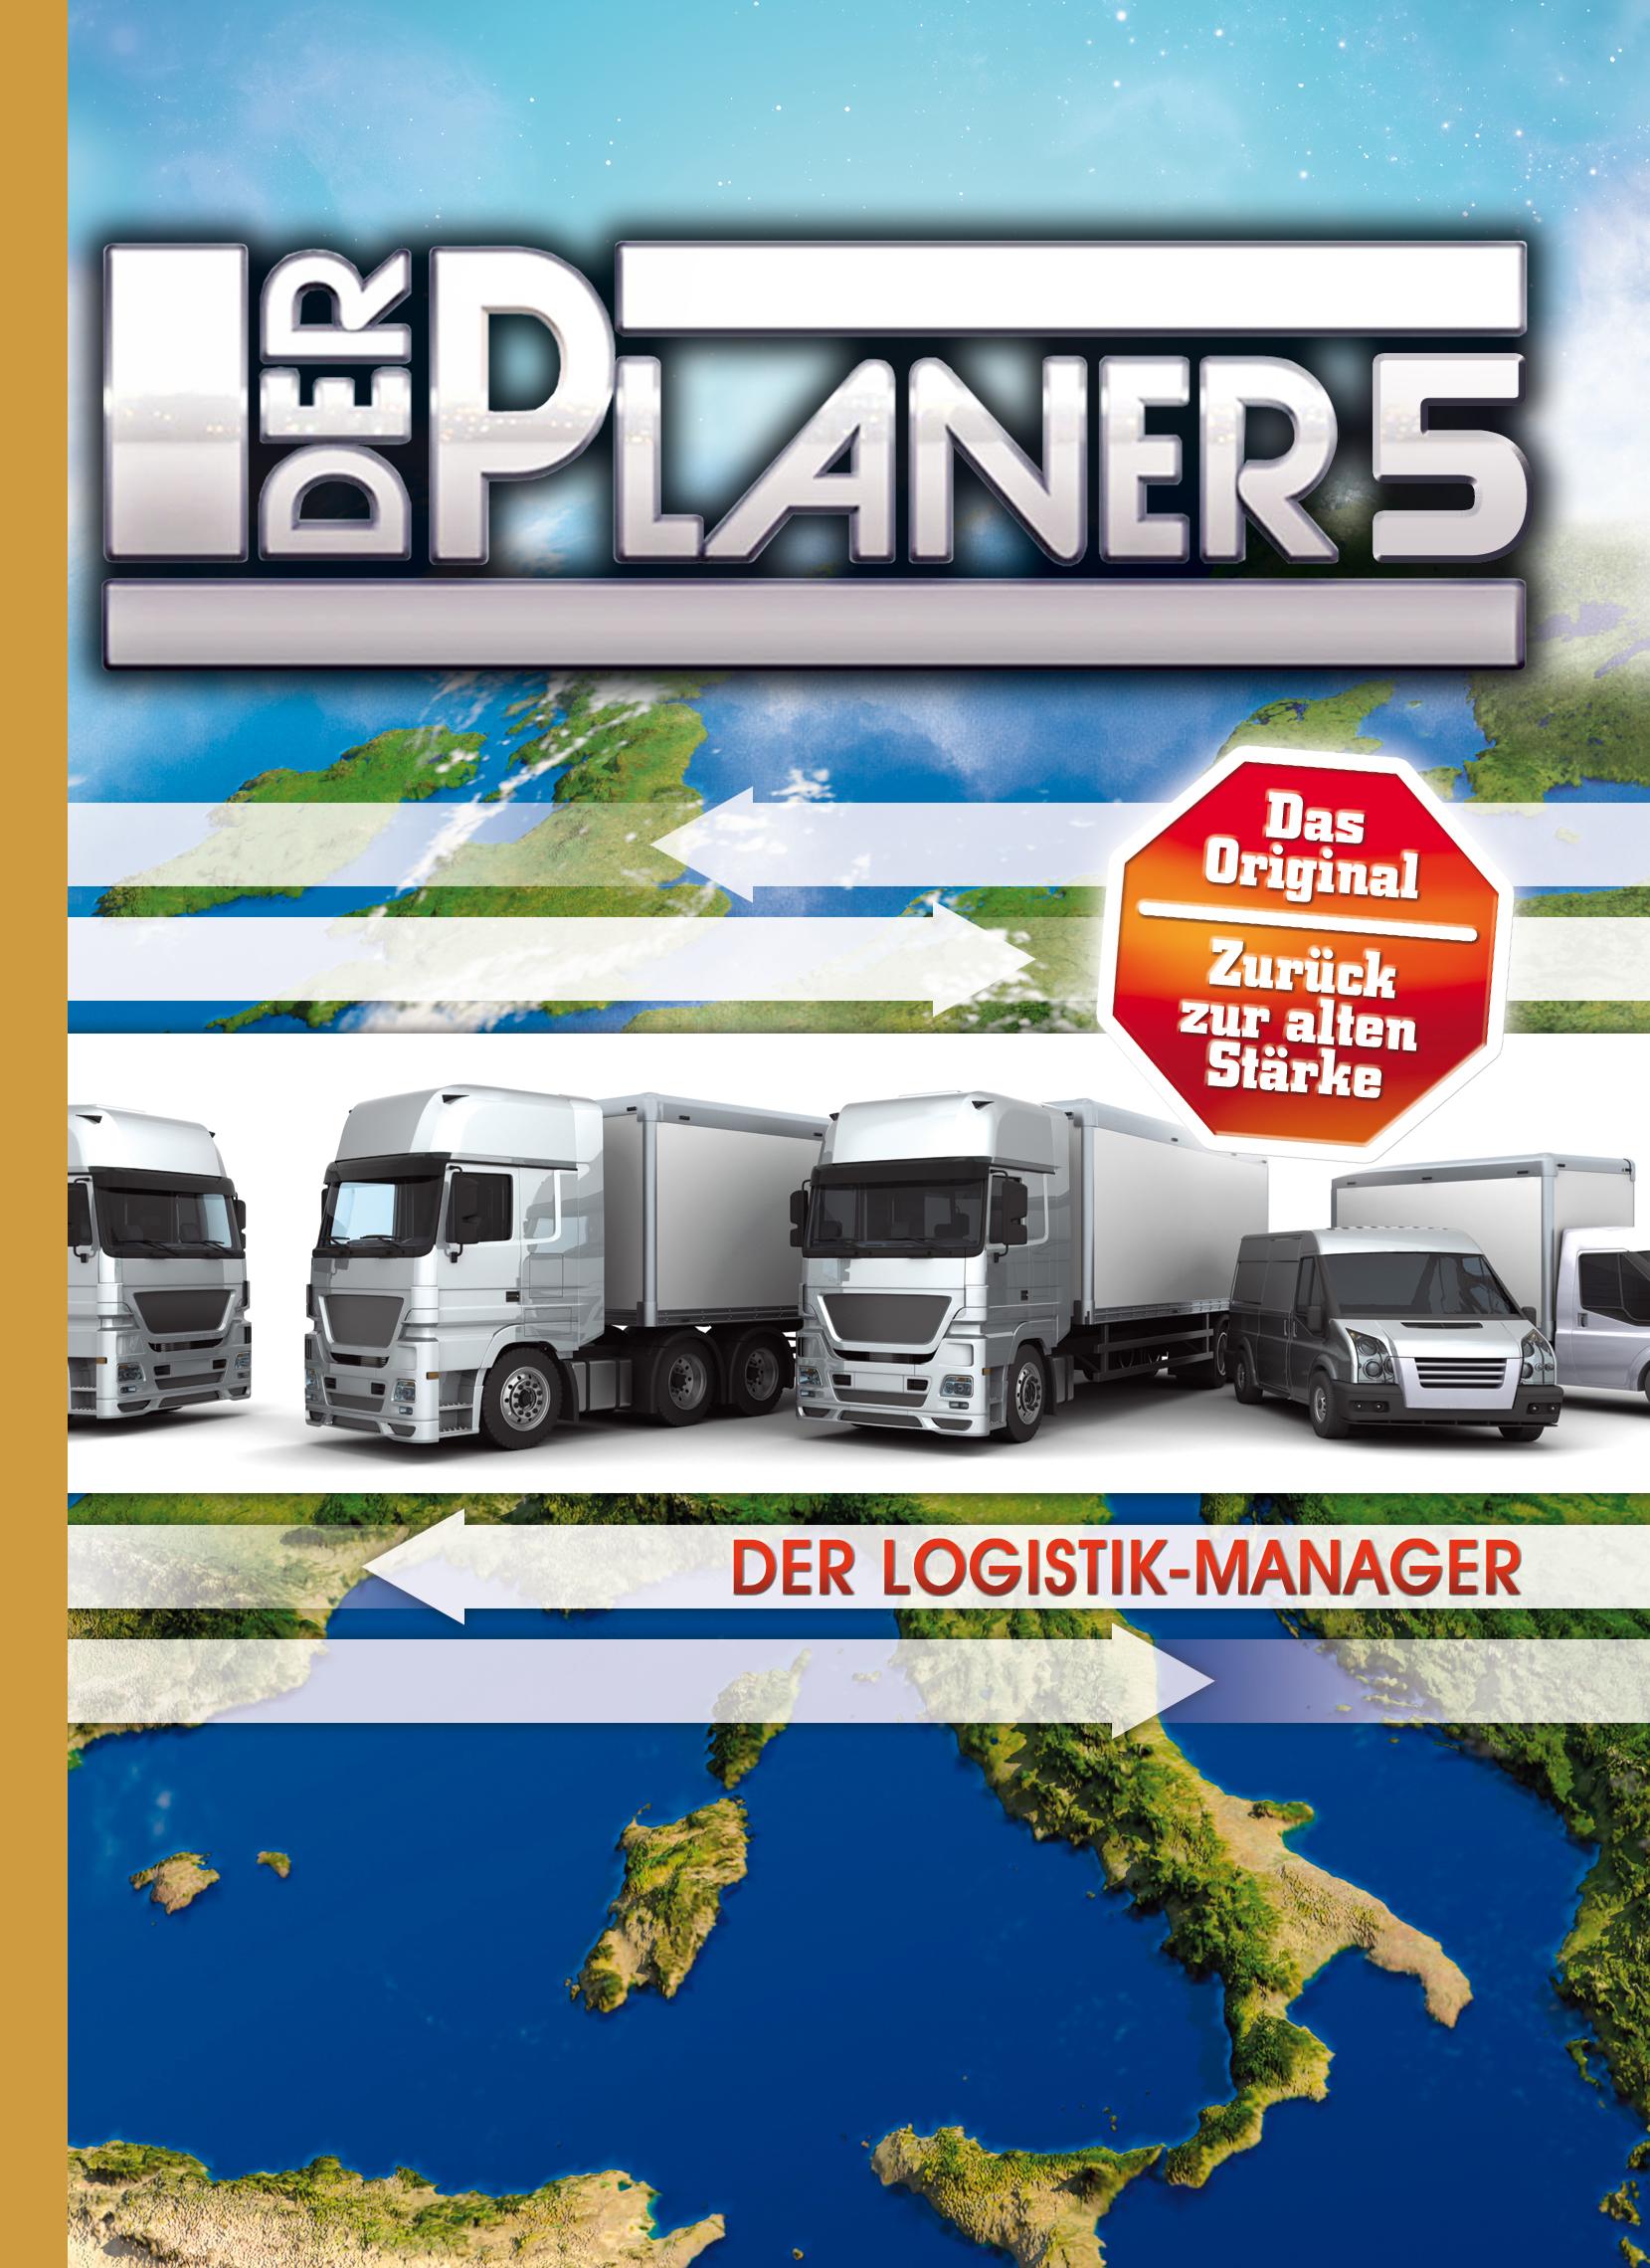 Der Planer 5: Der Logistik-Manager [PC Download]